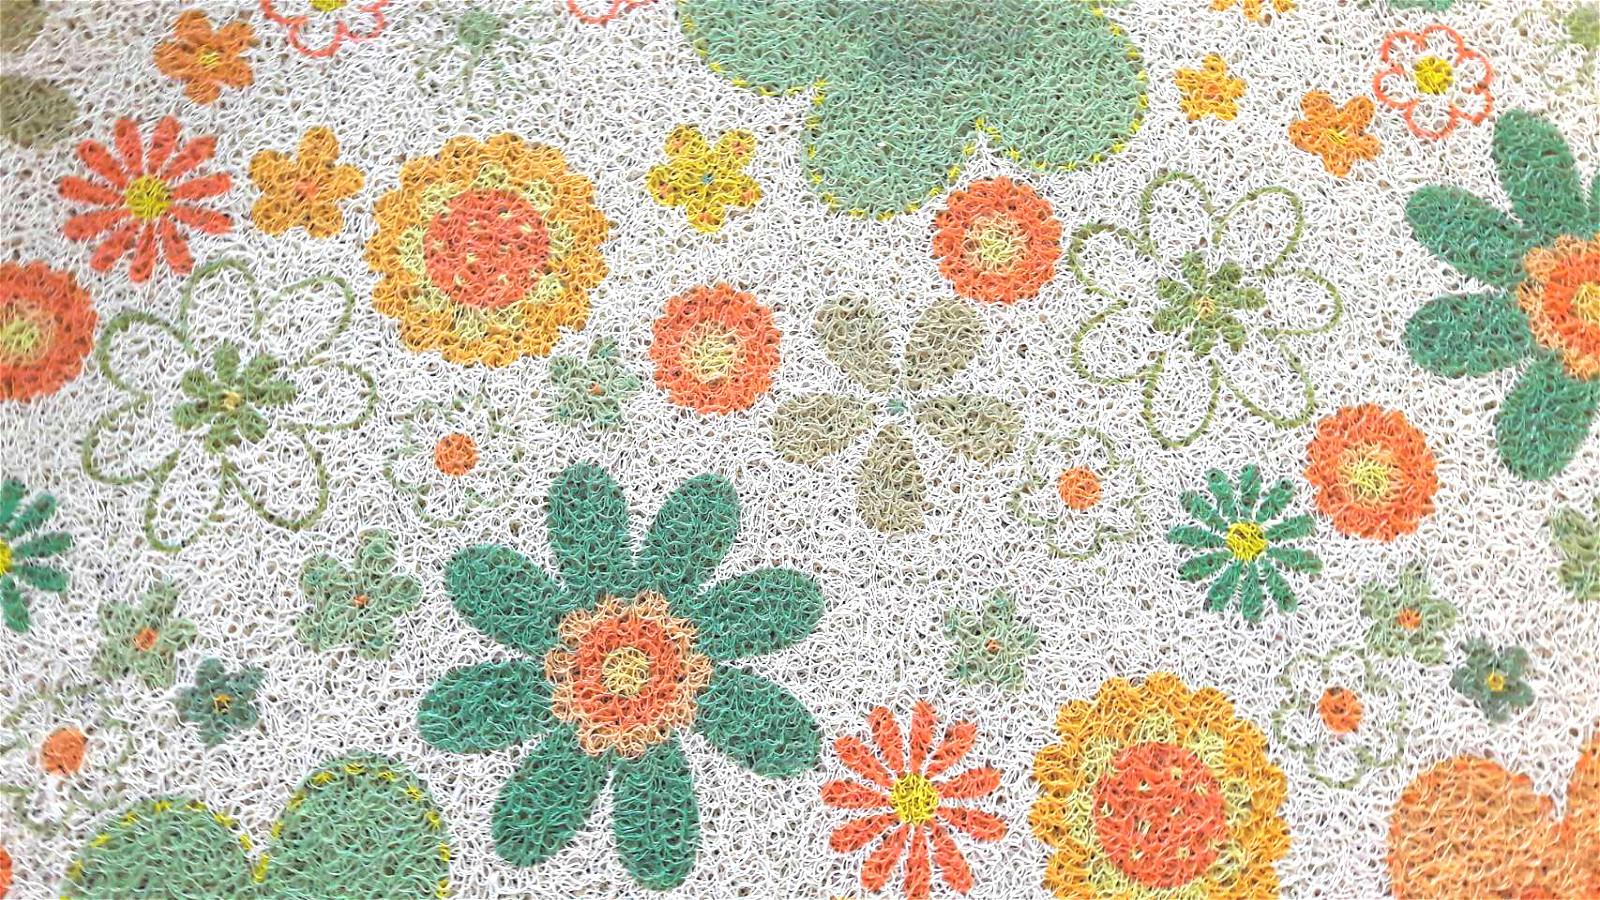 La maison生活小舖《印花刮泥繪圖地墊腳踏墊》可愛黃綠花朵繽紛圖案 耐用防滑 玄關、客廳、車裡皆適用 不同於一般刮泥圖案 放在美觀大方 地墊/軟墊/腳踏墊/止滑墊/刮墊/車用墊 40X60CM不..